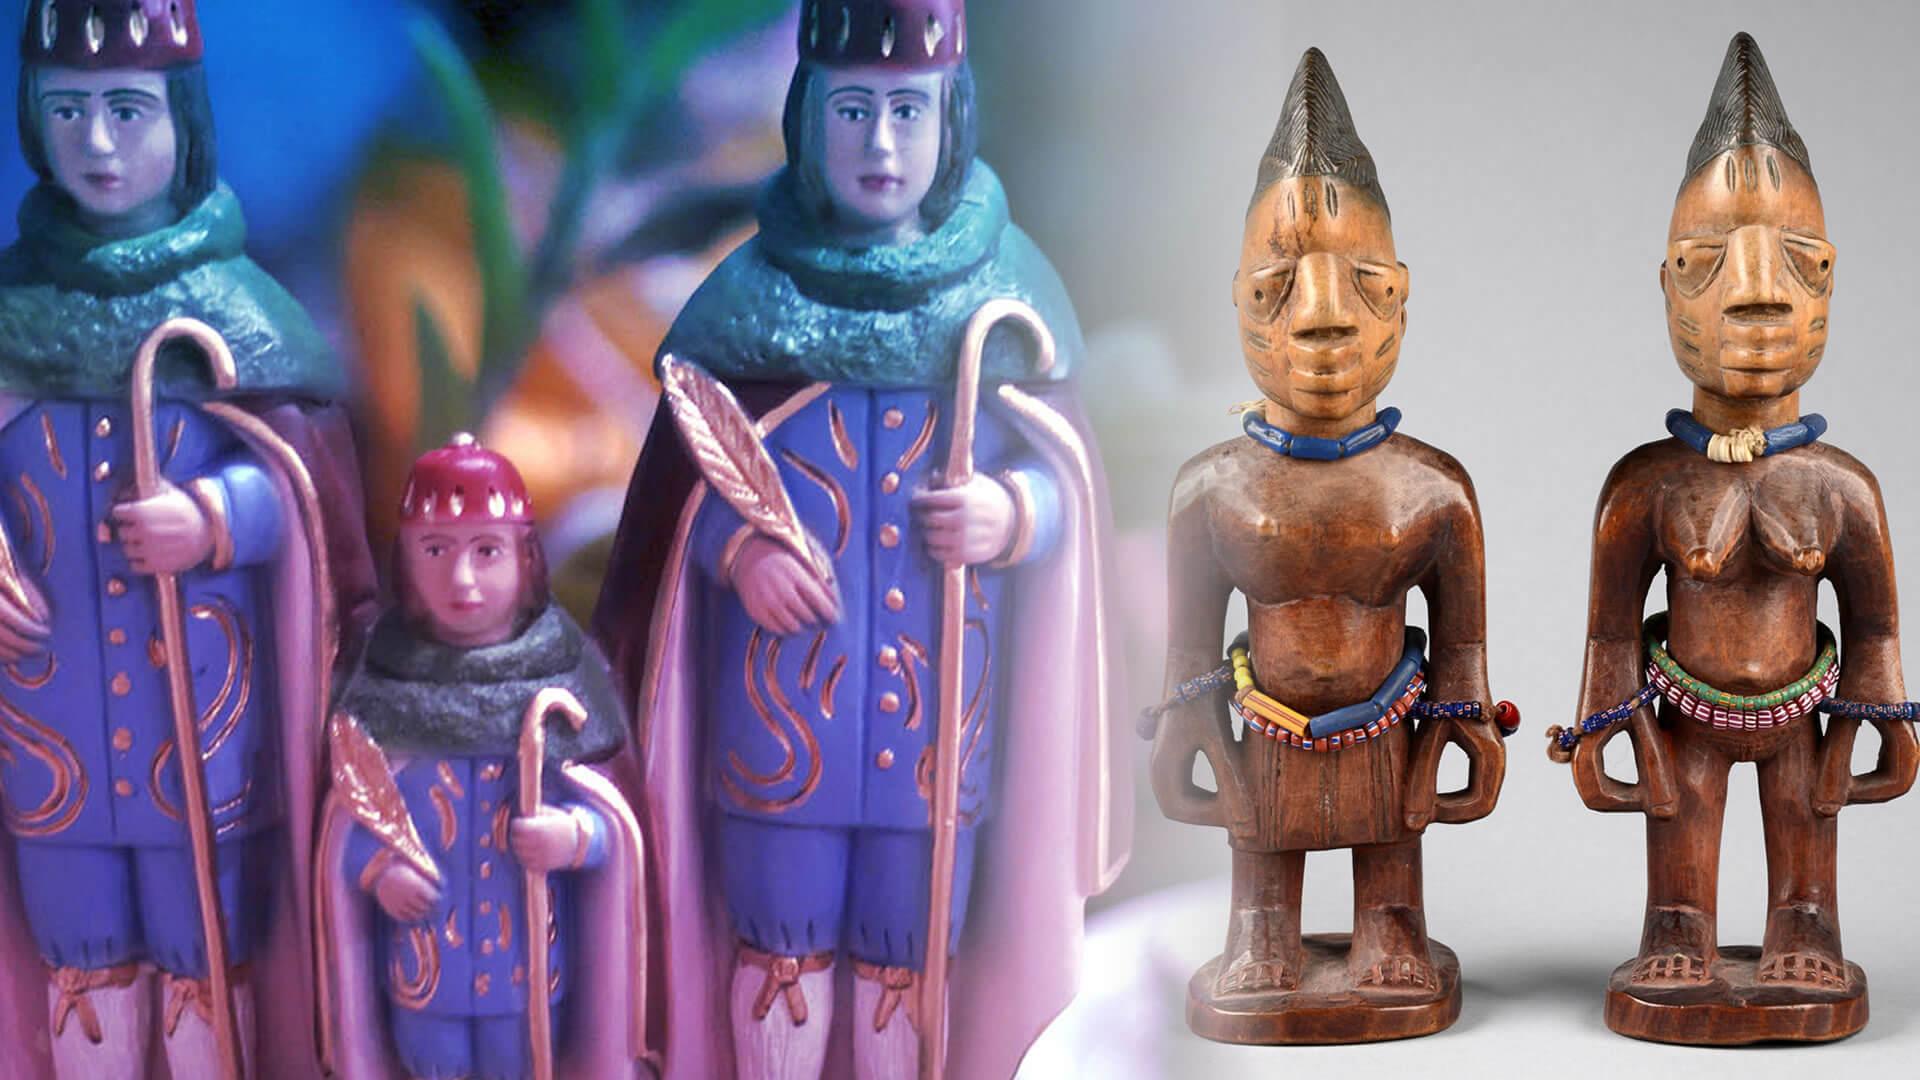 Cosme, Damião, Doun e os Ibejis: quem é quem nesse 27 de setembro?